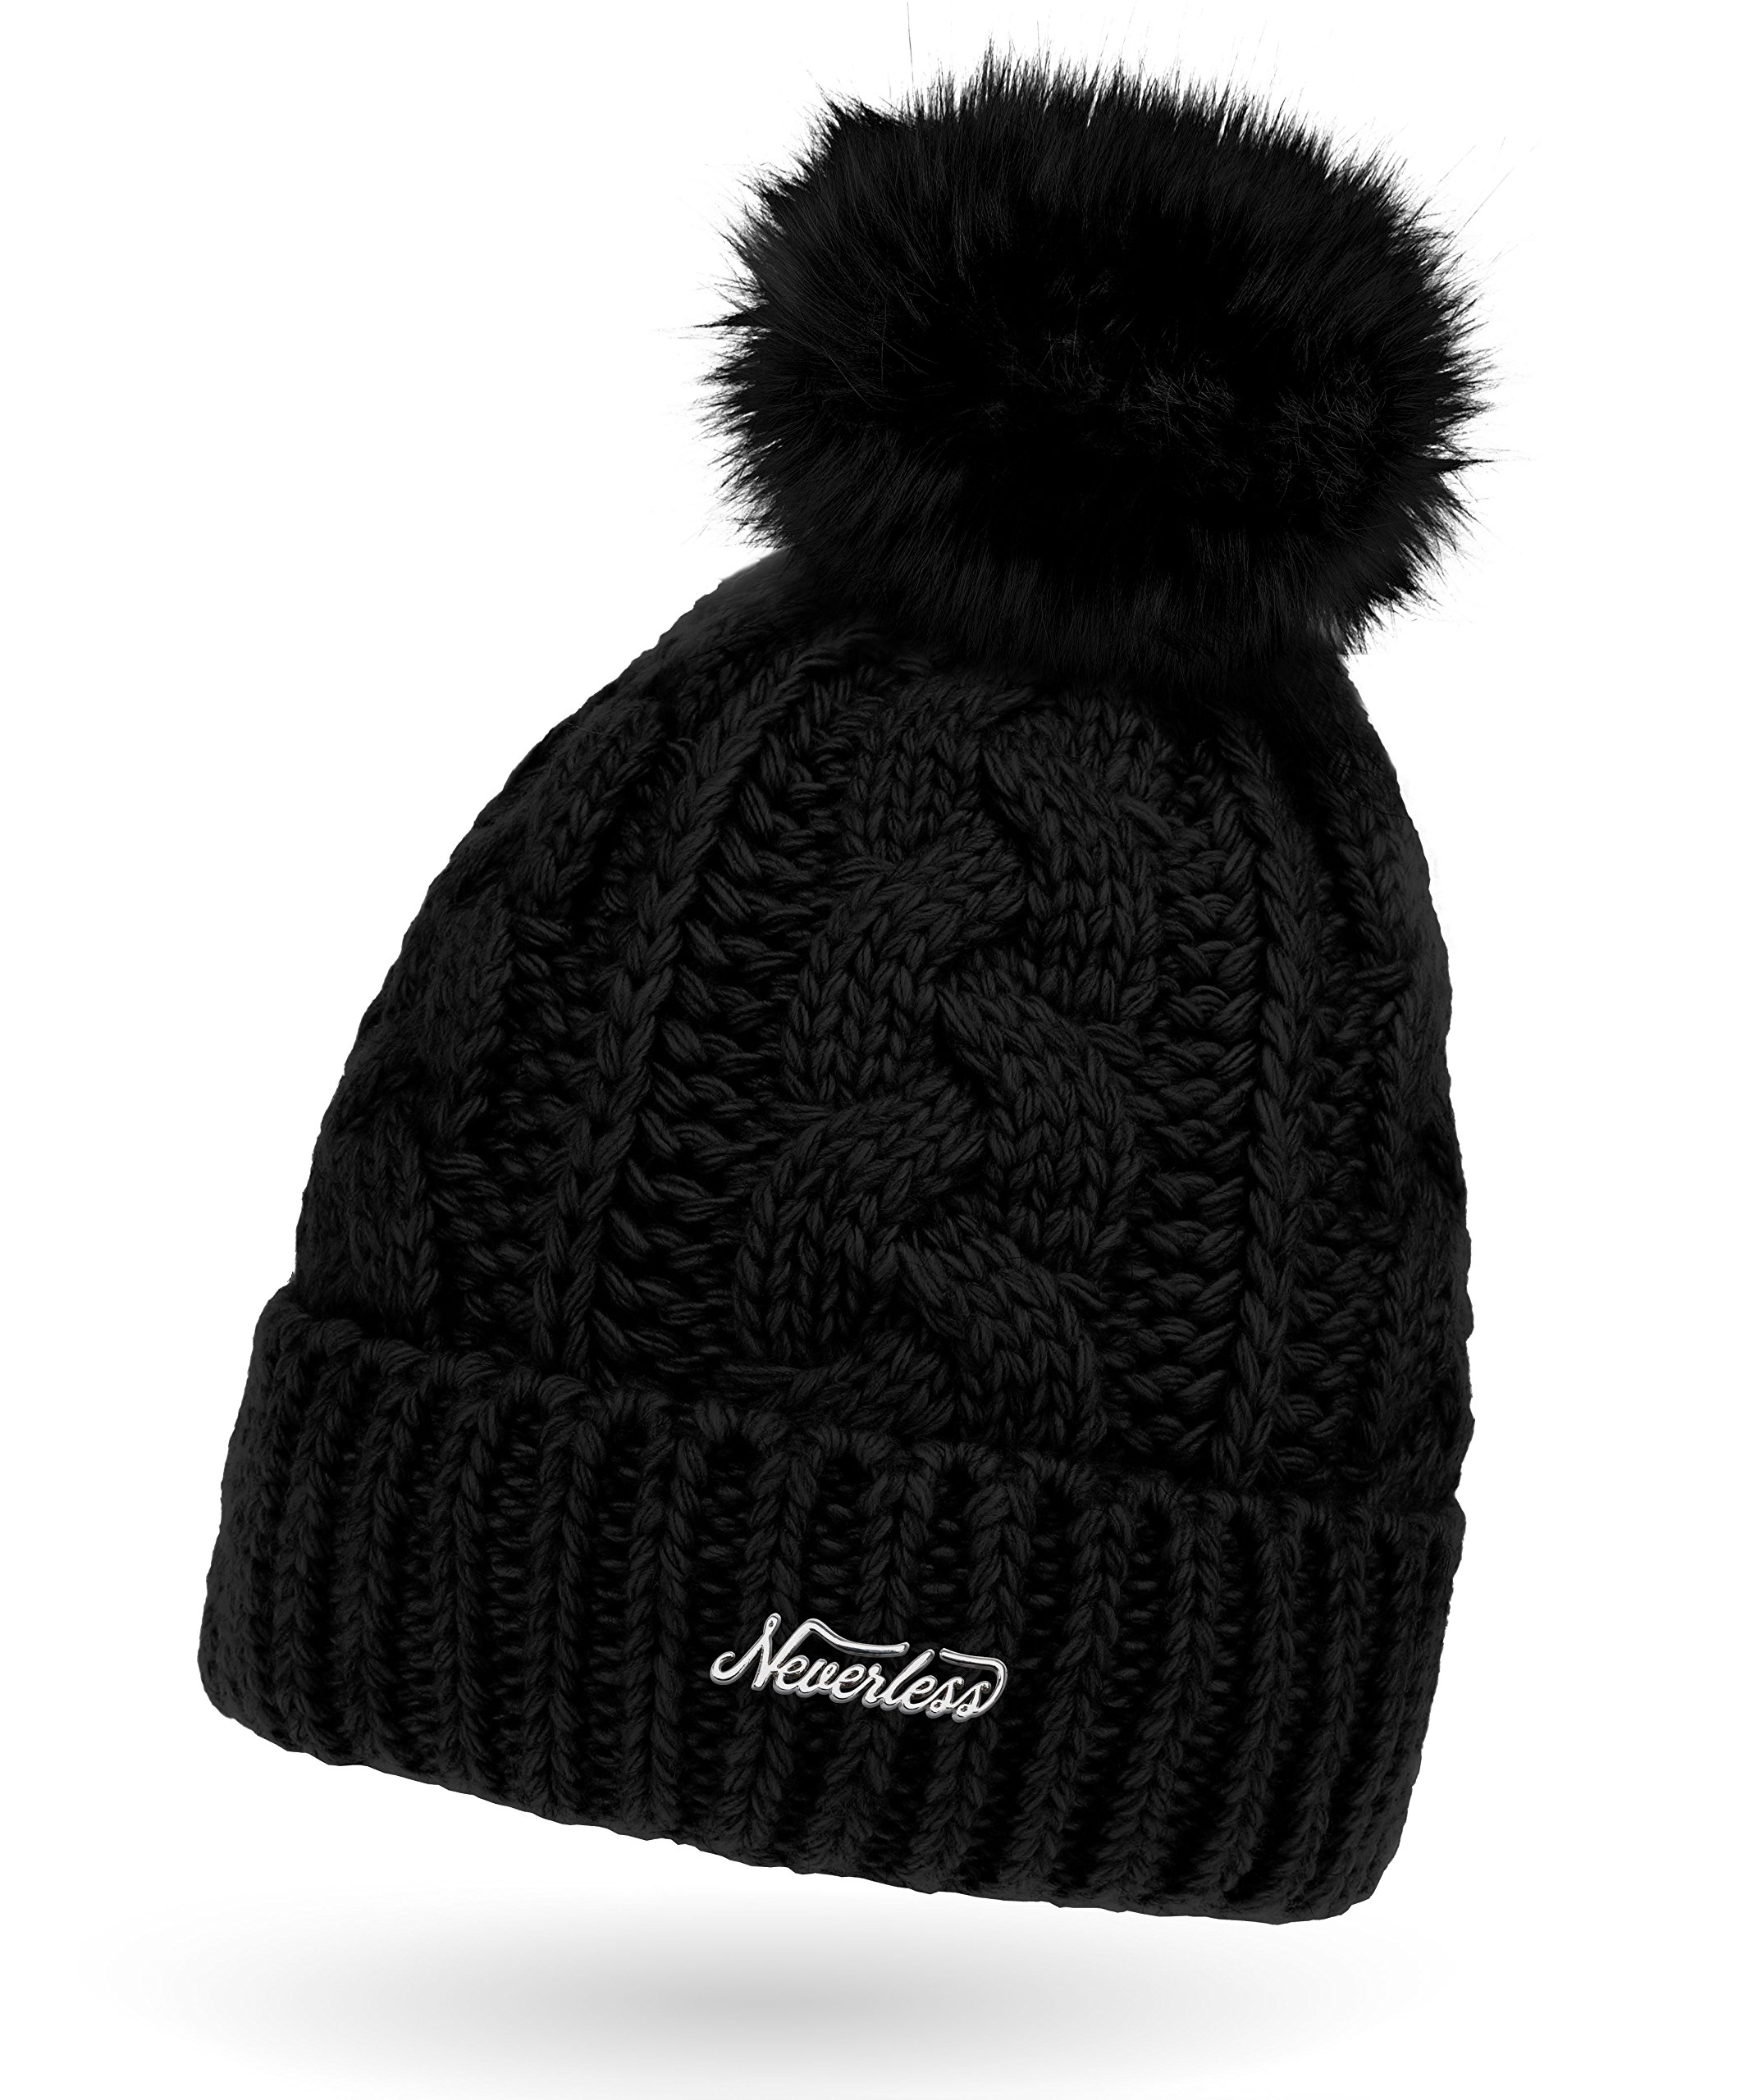 53cb2604ca3edf Neverless Damen Strick-Mütze gefüttert mit Fell-Bommel, Kunstfell,  Winter-Mütze